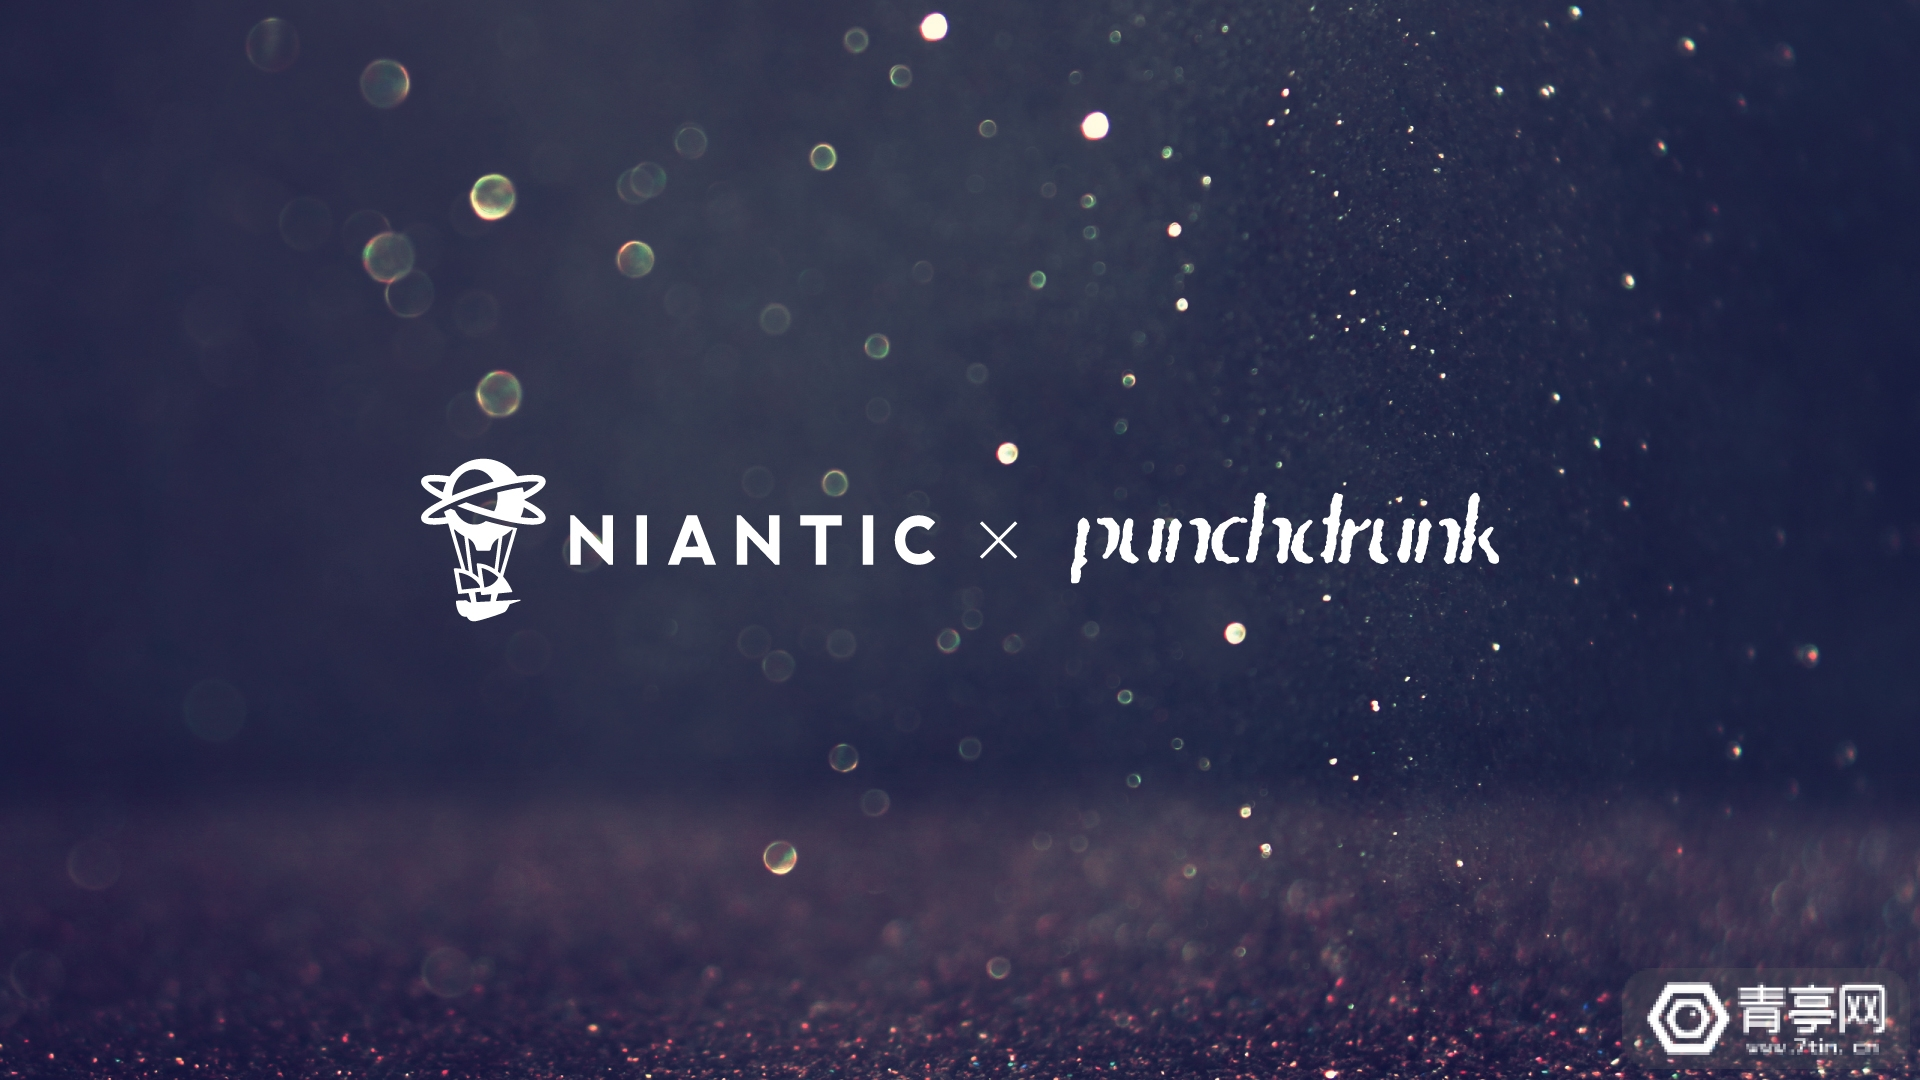 Niantic将与《不眠之夜》主创合作,推出多个AR戏剧项目